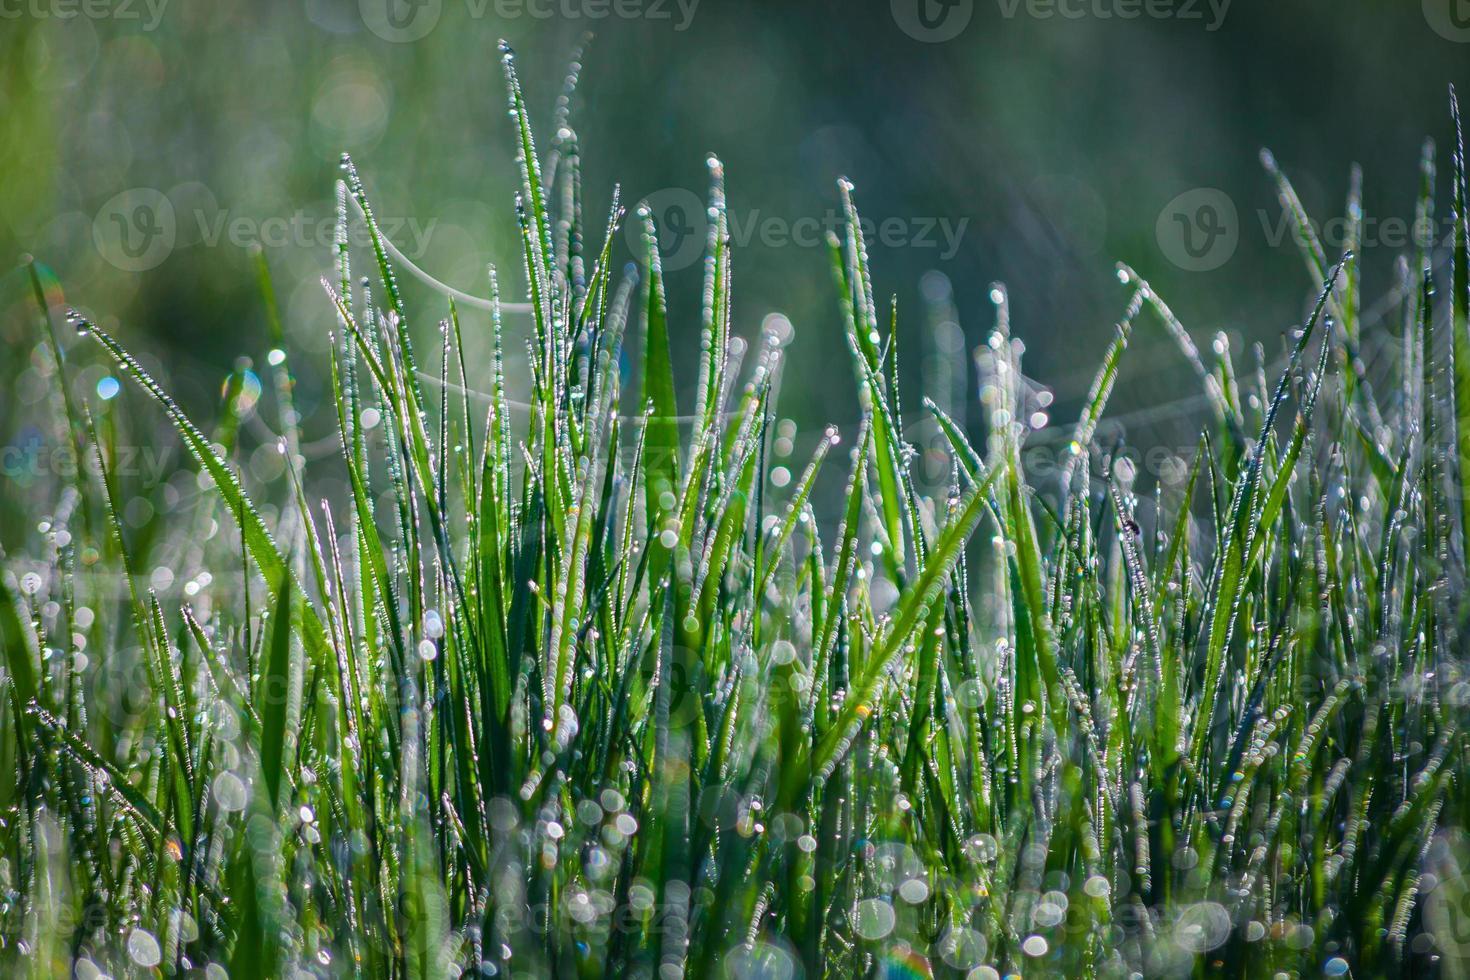 grama com gotas de água no início da manhã foto